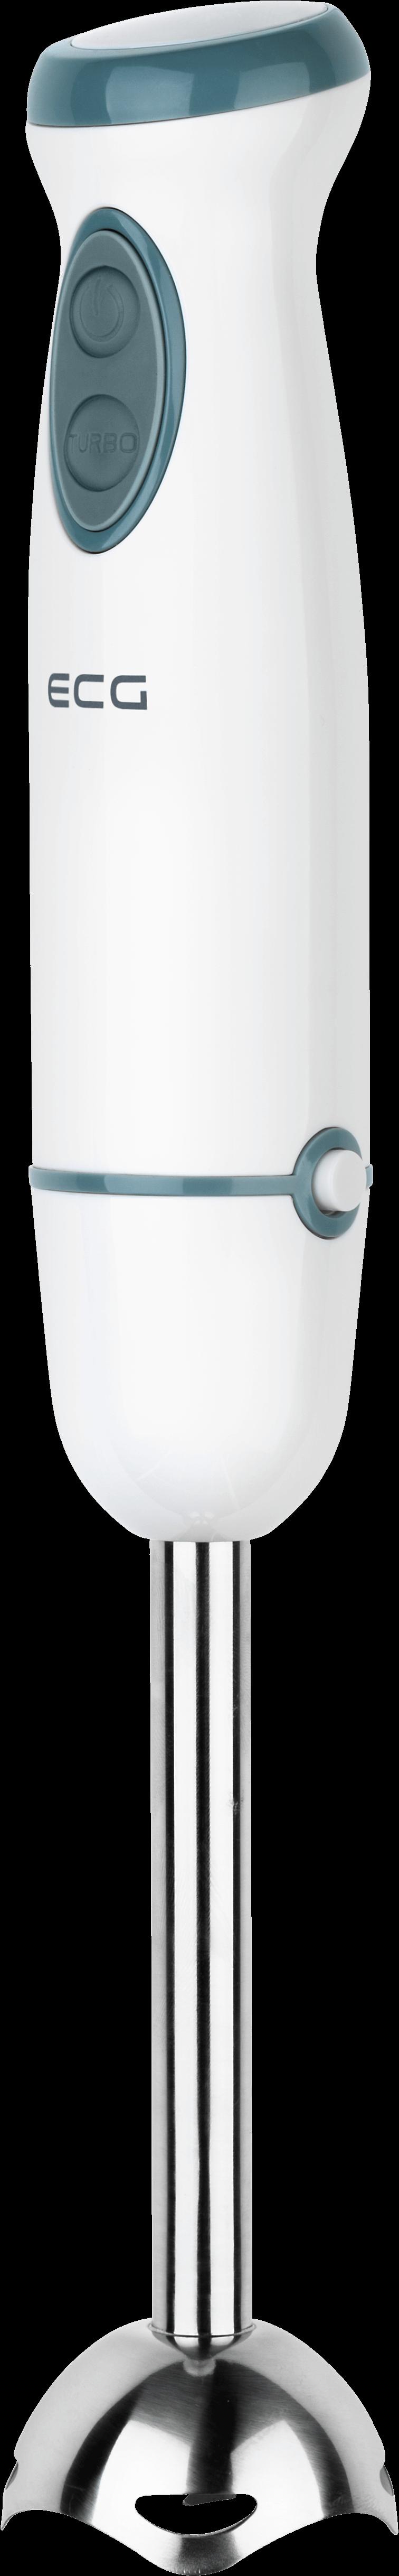 ECG RM 410 blender